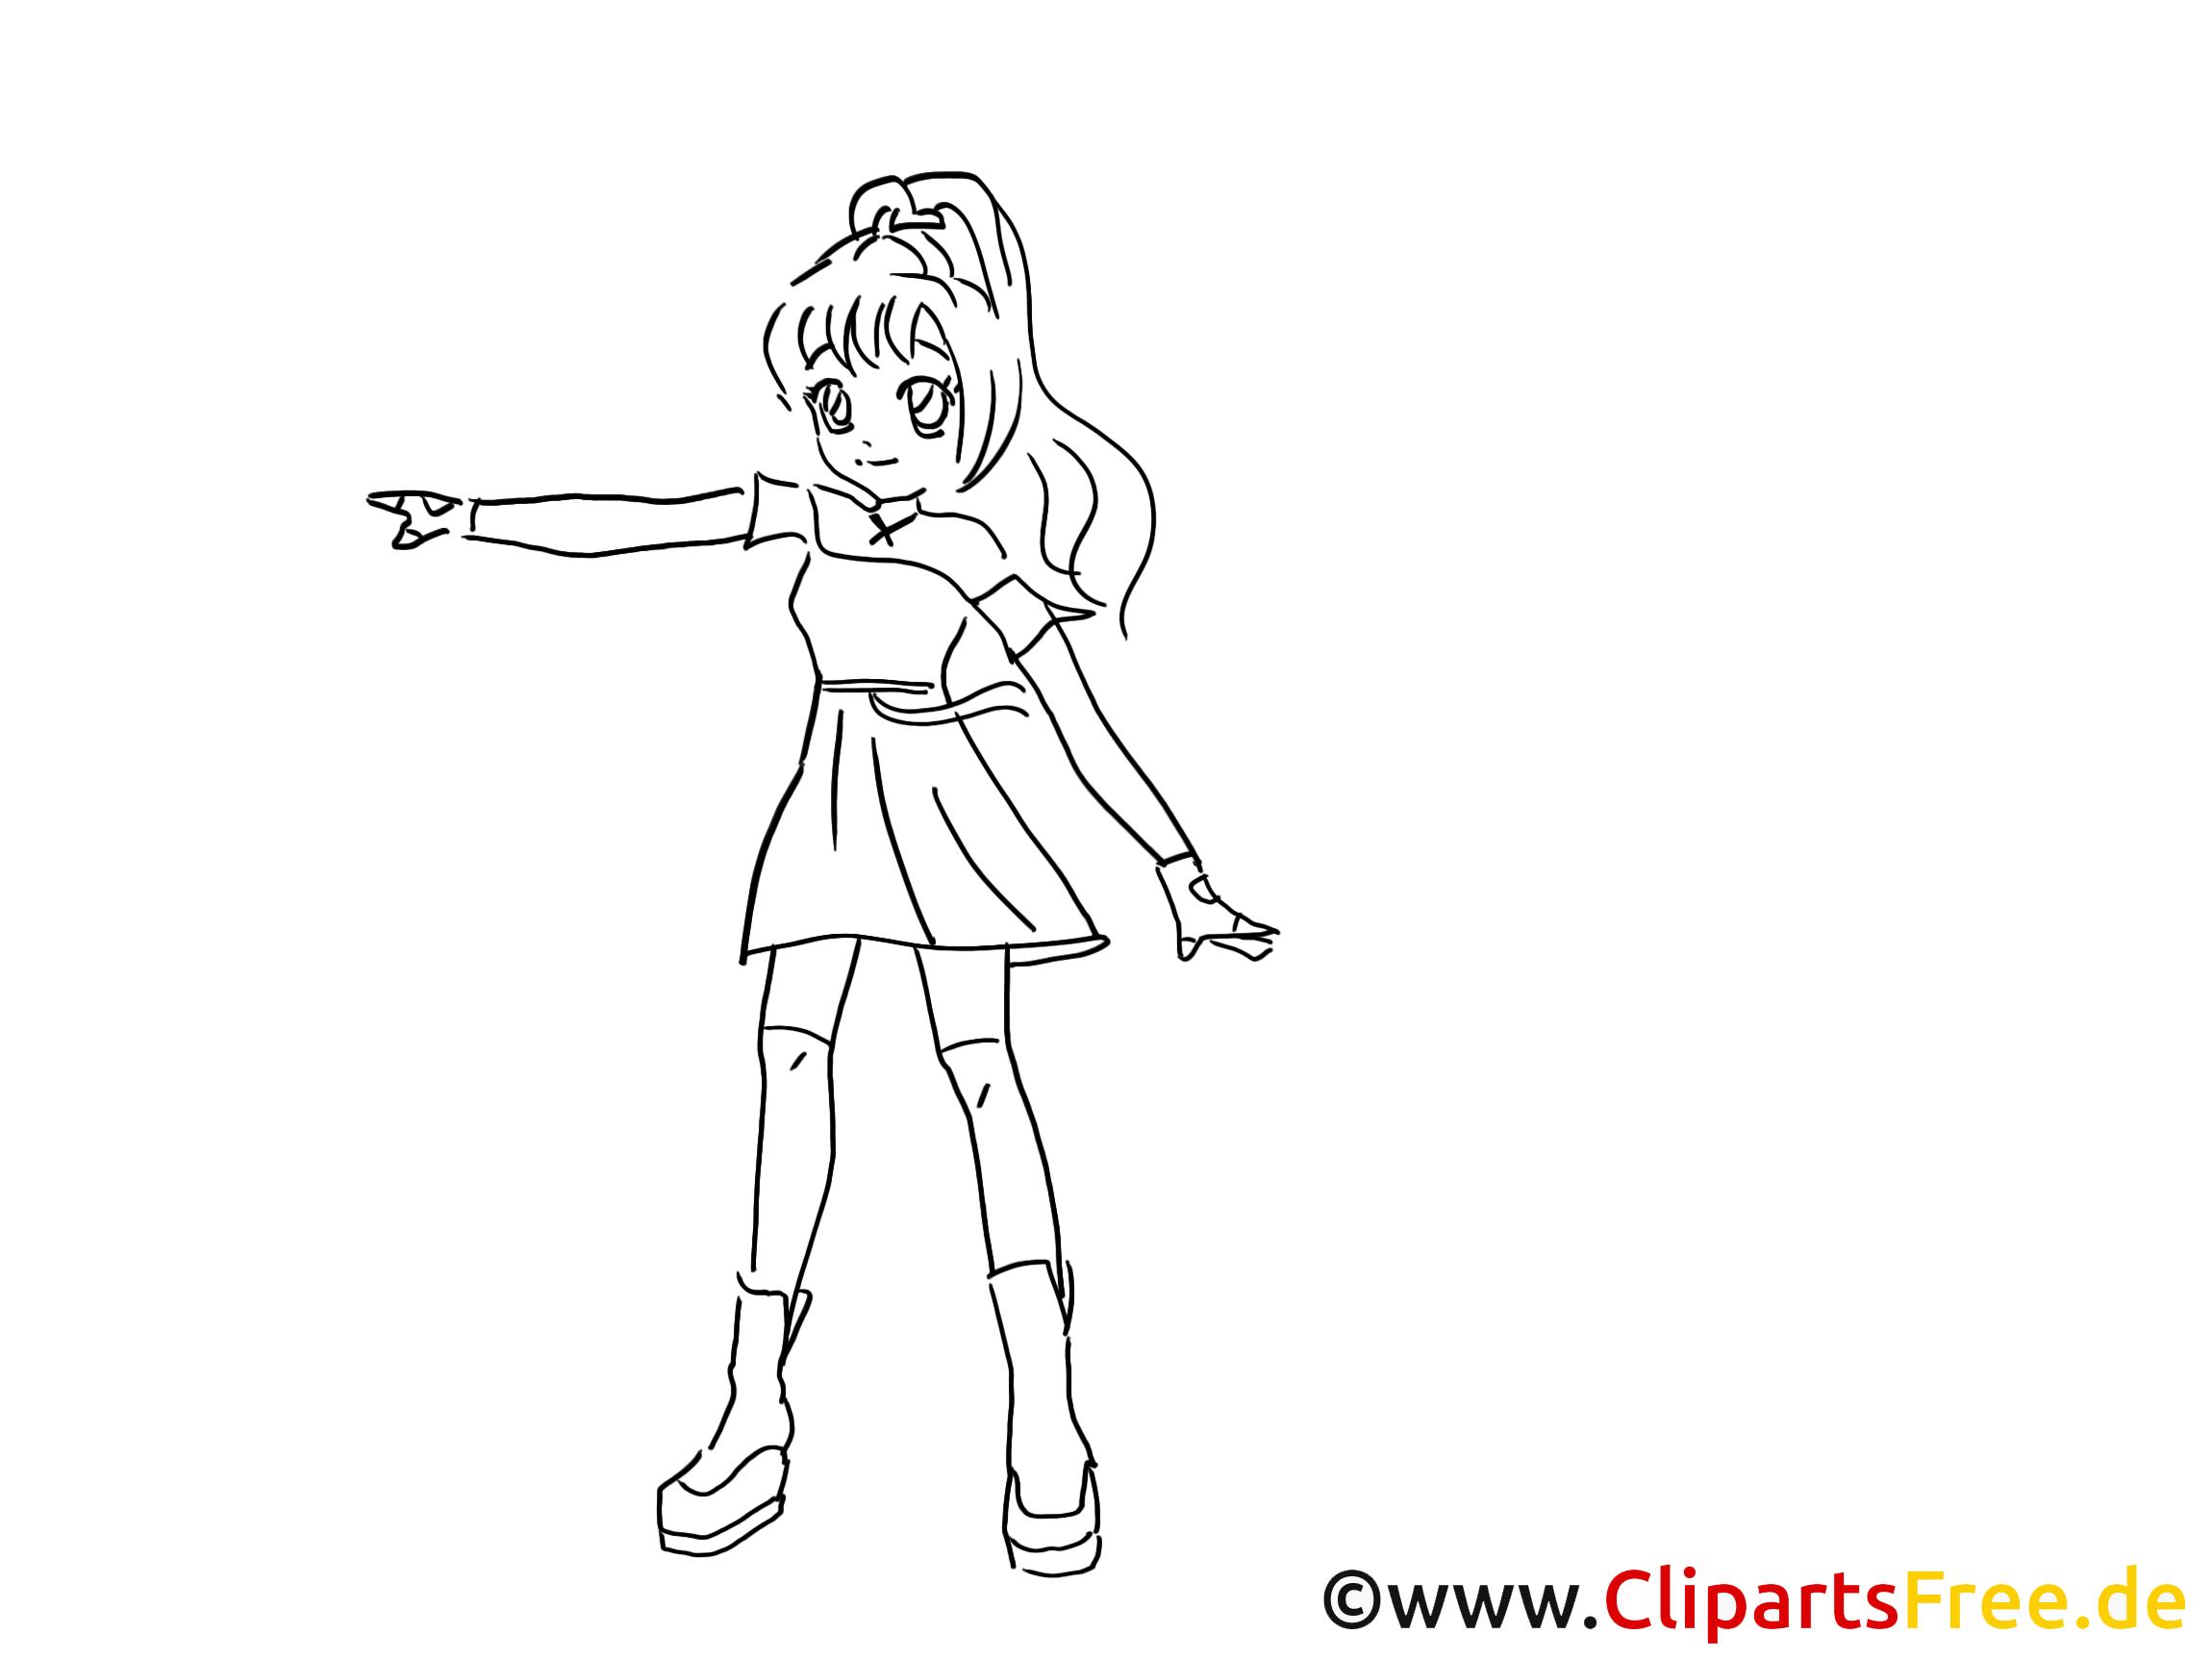 Manga Zum Ausmalen, Malvorlage, Ausmalbild Gratis verwandt mit Manga Bilder Zum Ausmalen